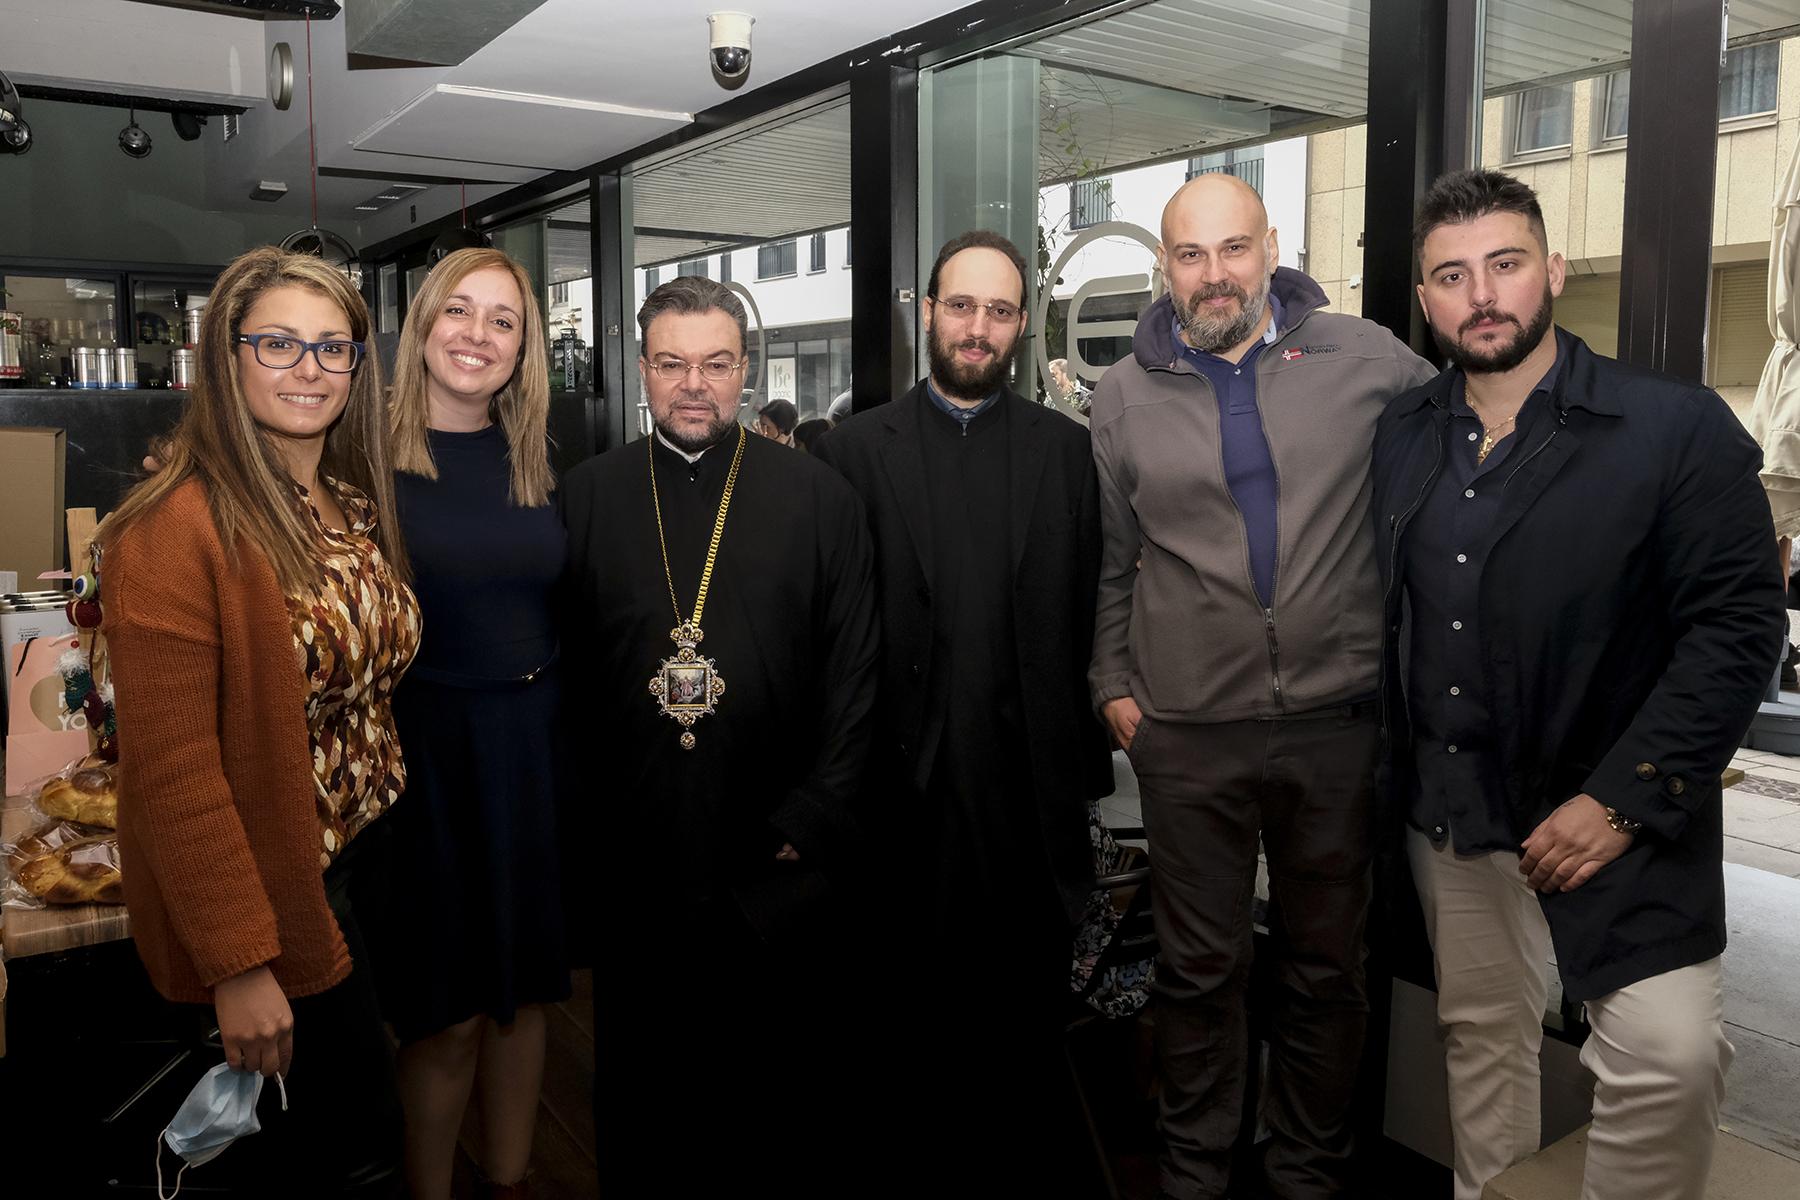 Από την Αδελφότητα Ελληνίδων Κυριών, οι κυρίες Σαρίκα Άρτεμις και Κωνσταντία Μεταξάκη, ο Θεοφιλέστατος Επίσκοπος Απολλωνιάδος κ. Ιωακείμ, ο Ιερολογιώτατος Αρχιδιάκονος κ. Αιμιλιανός Χατζιβασιλείου, ο κ. Ντιναλέξης Ντίνος (Attica) και ο κος Αλέξανδρος Κεχαγιάς (AKT)